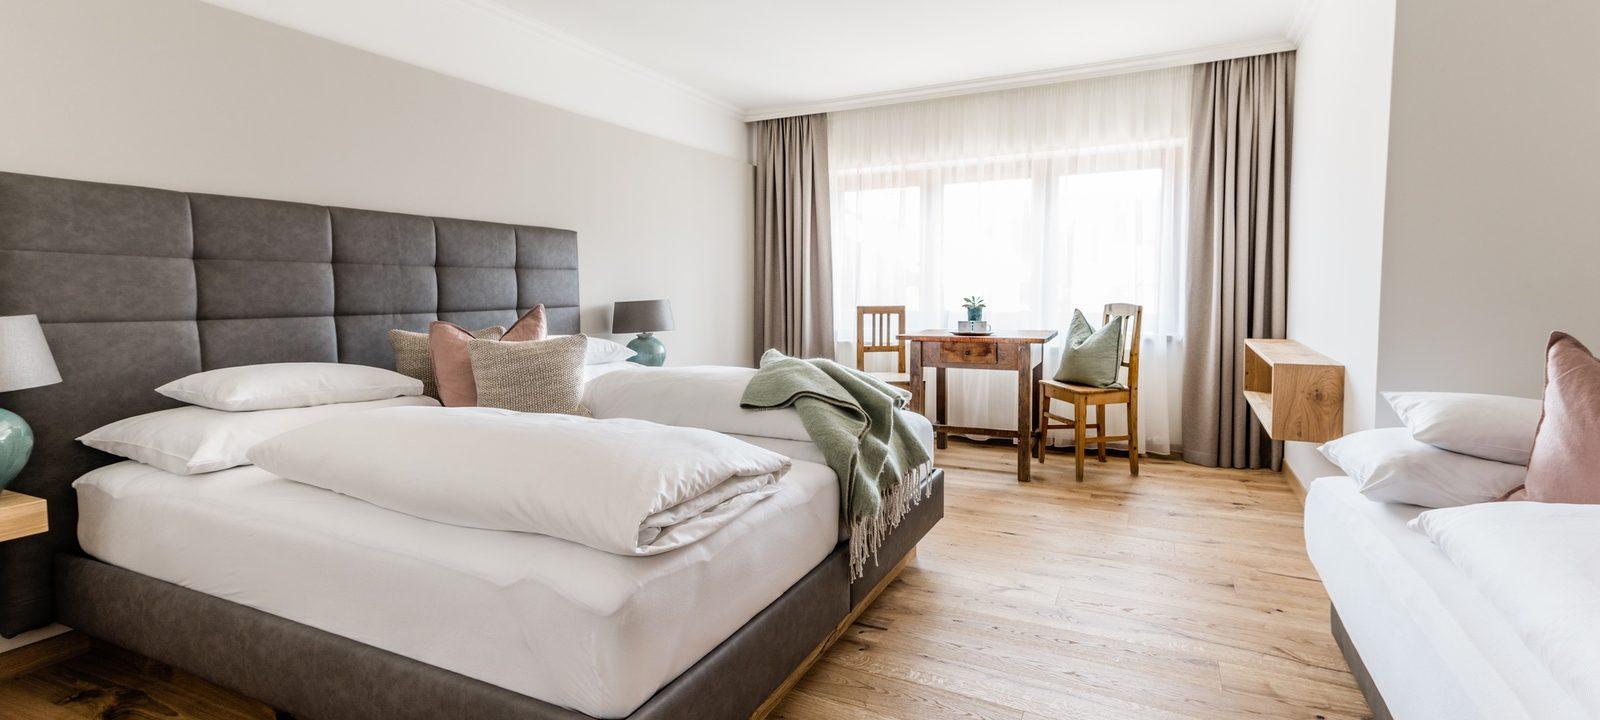 Schöne Doppelzimmer - Urlaub in Altenmarkt Zauchensee